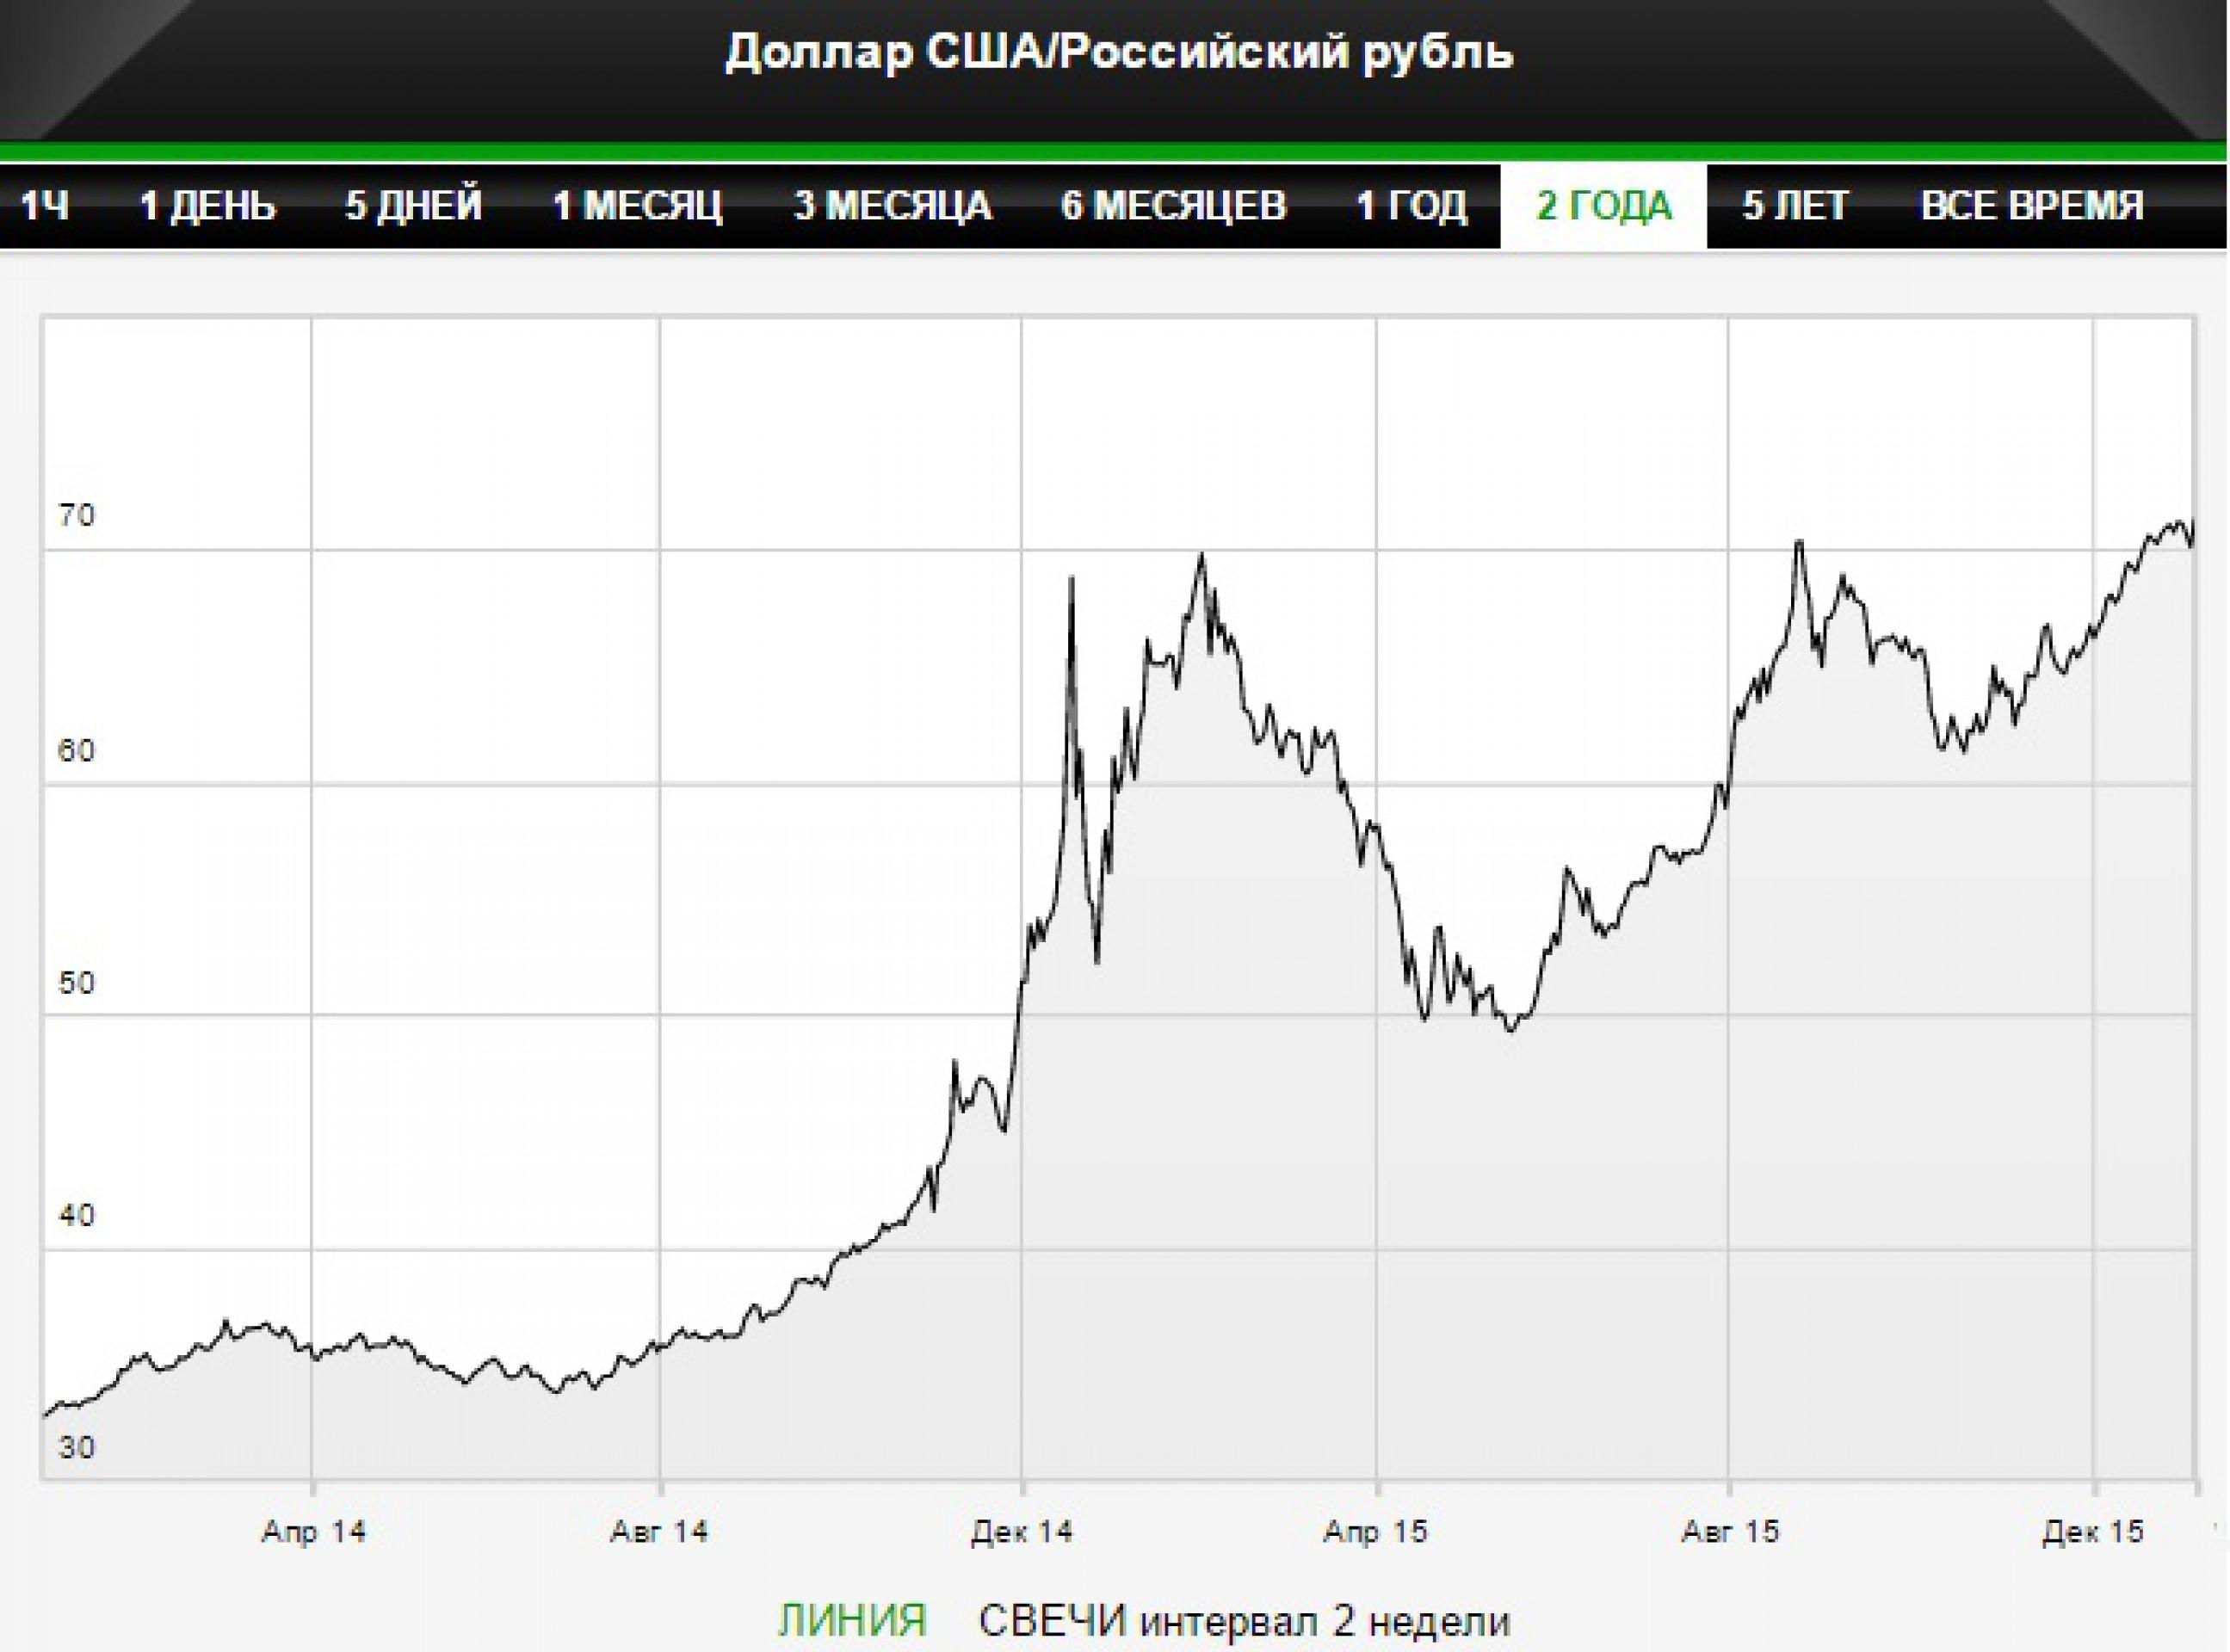 Доллар впервые превысил 72 рубля